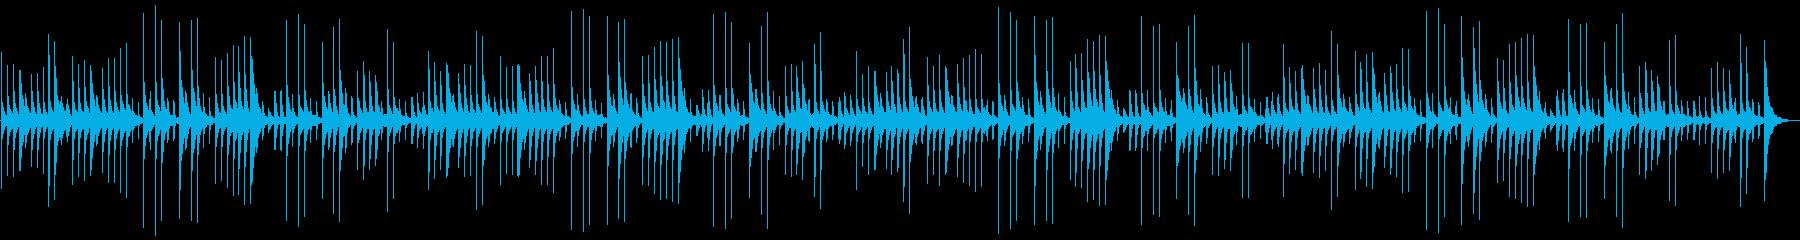 動物や赤ちゃんが寝ている時の鉄琴の癒し曲の再生済みの波形